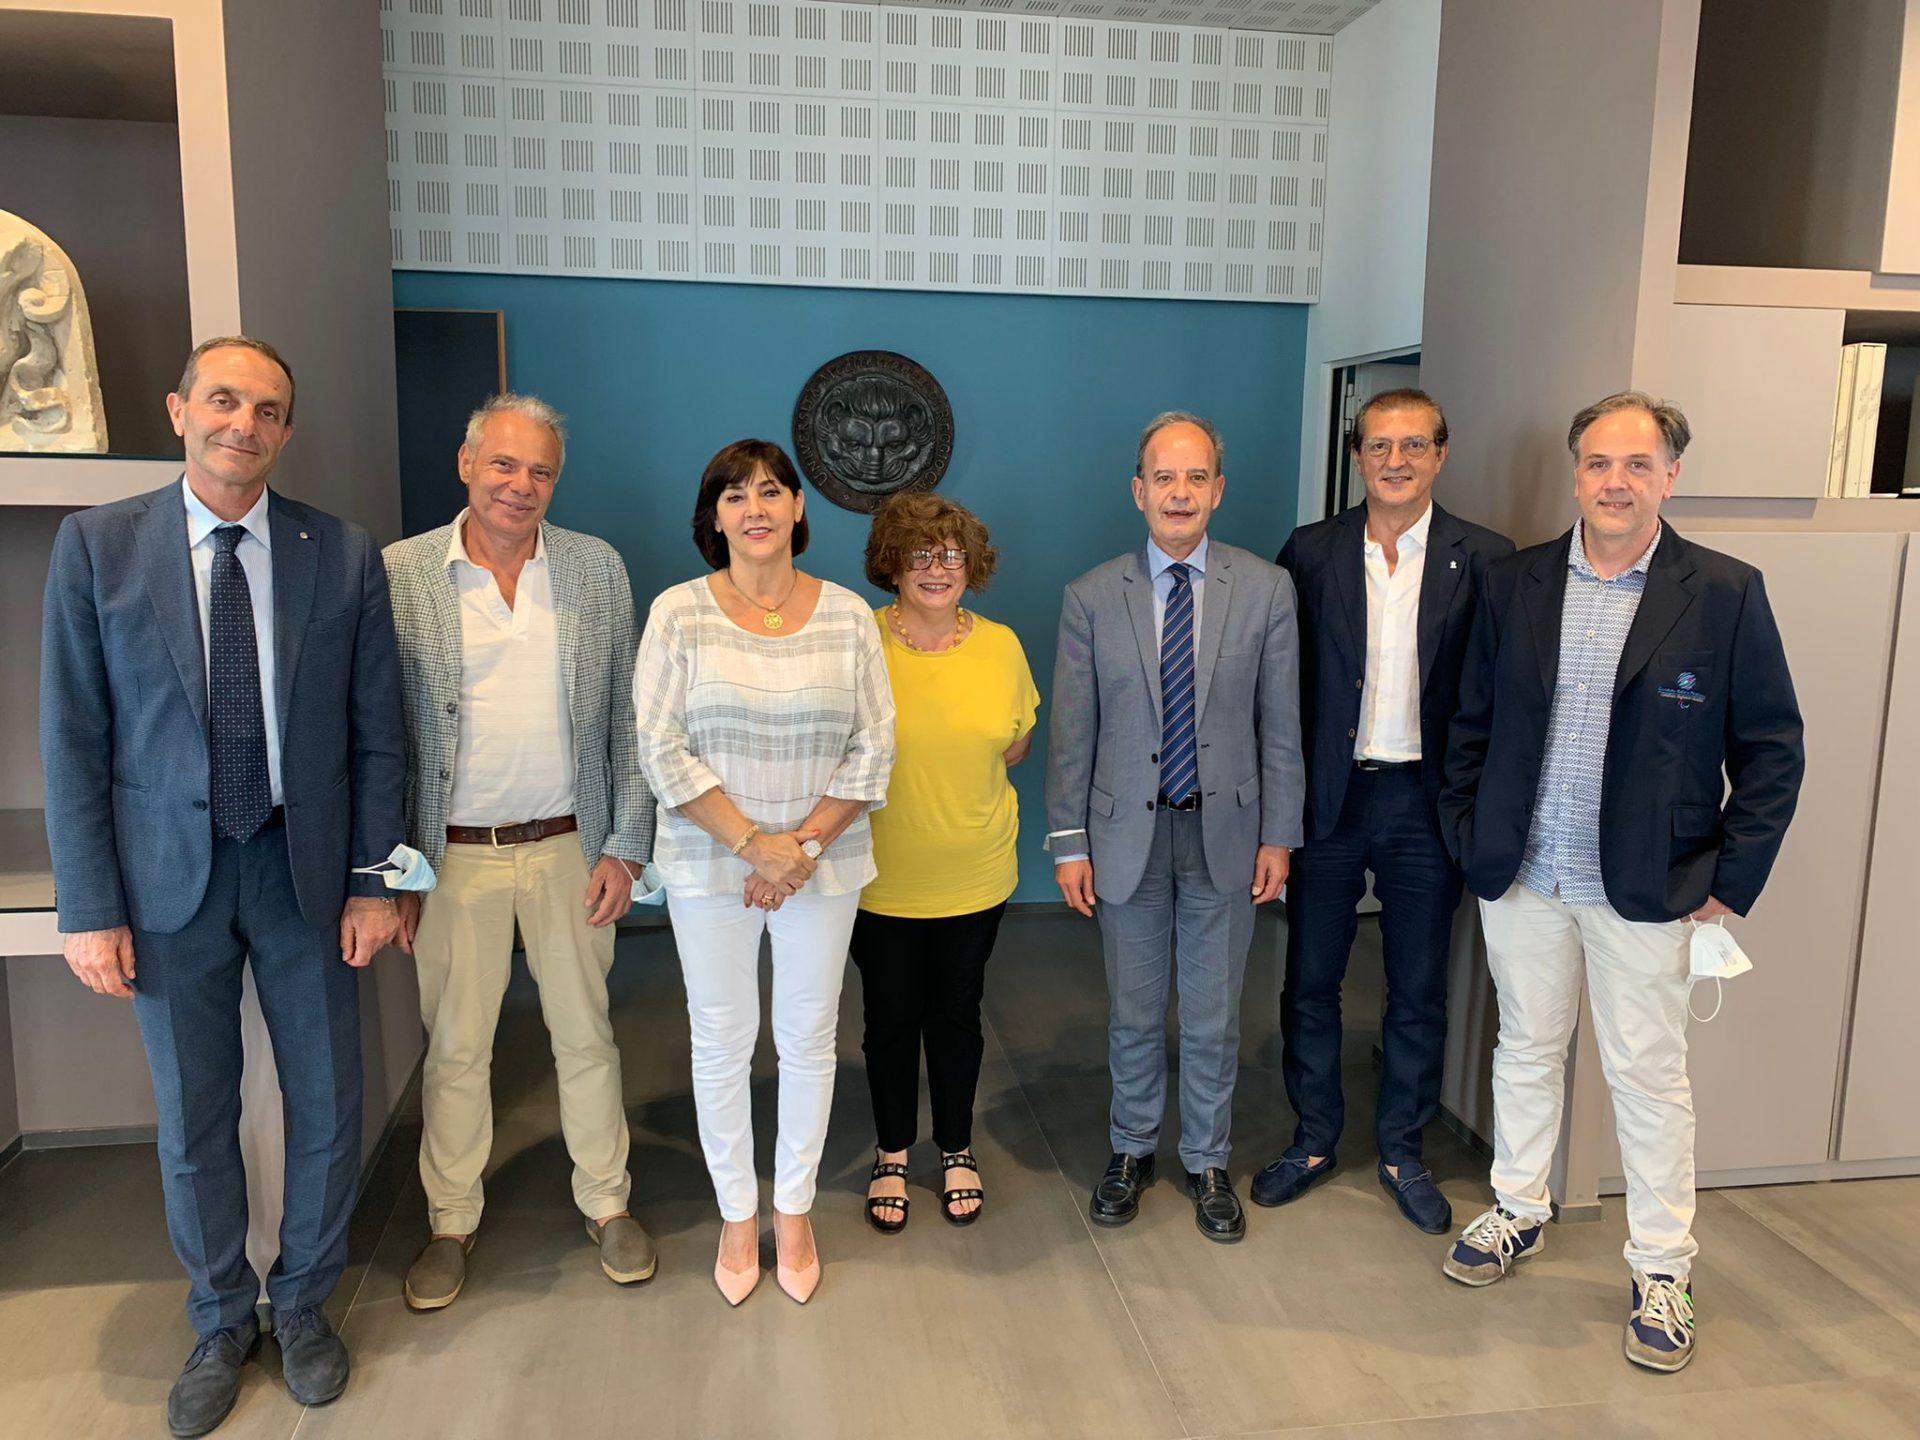 L'università Mediterranea firma un protocollo d'intesa con il comitato italiano paralimpico